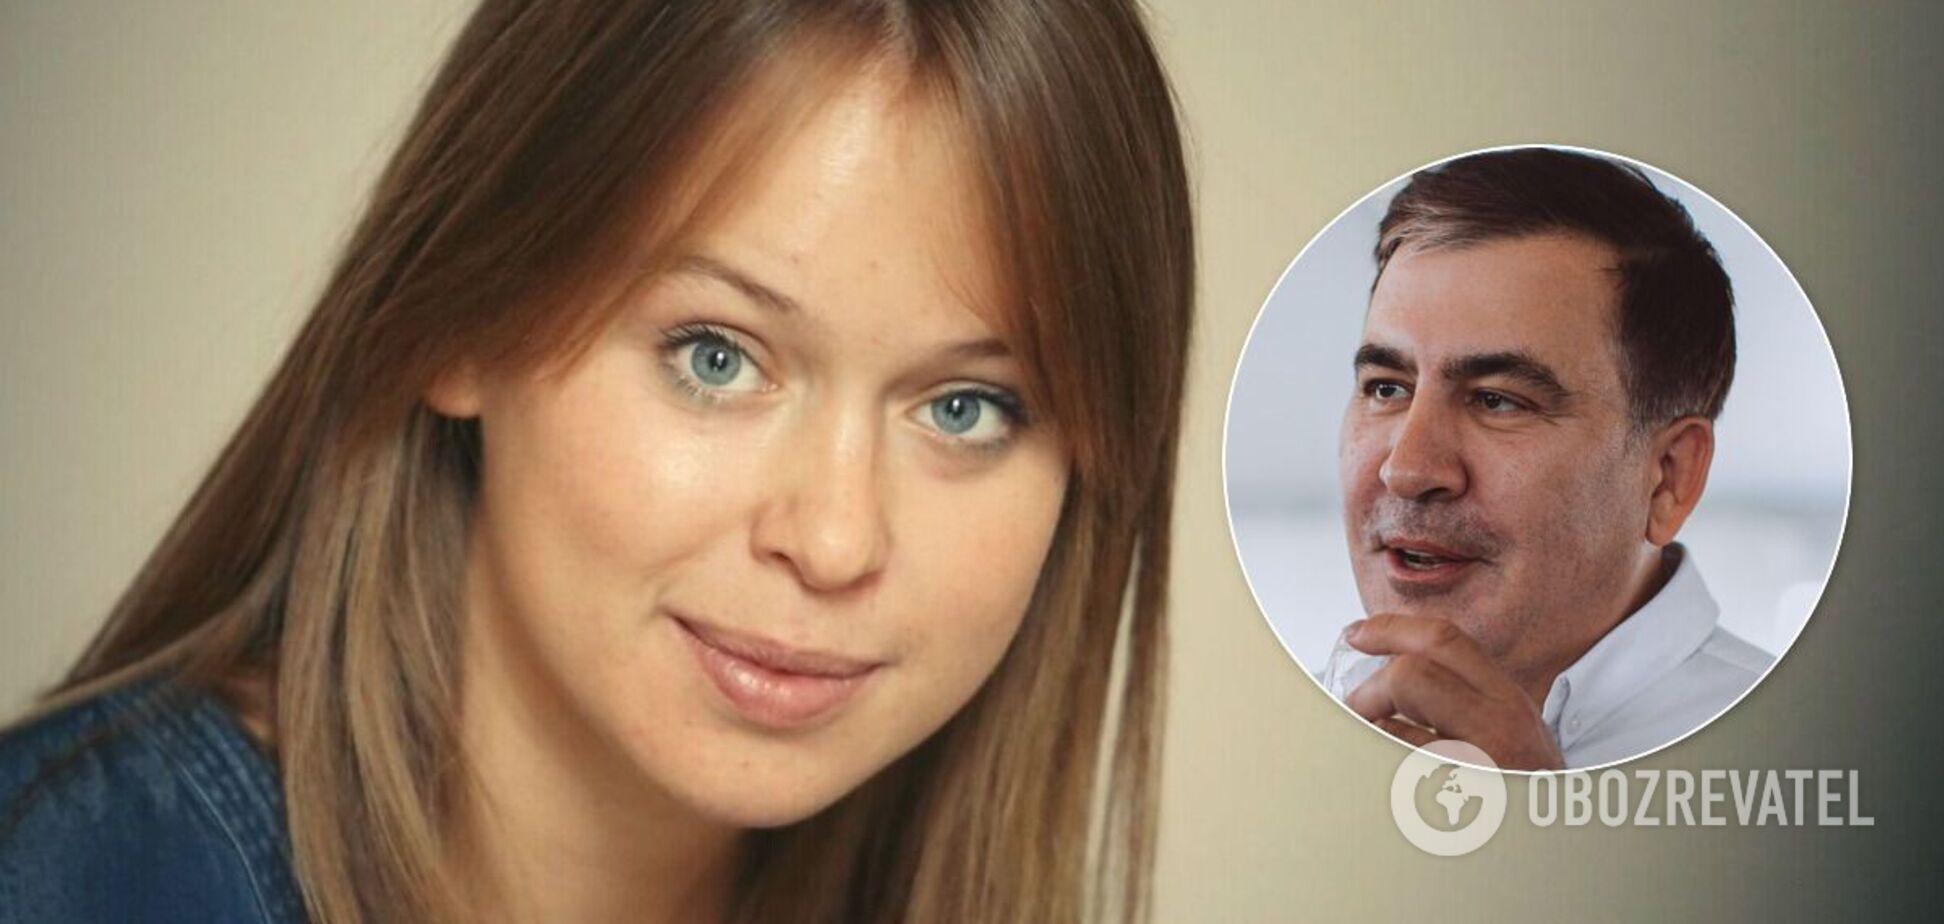 Ясько после слухов о романе с Саакашвили прокомментировала их совместное фото